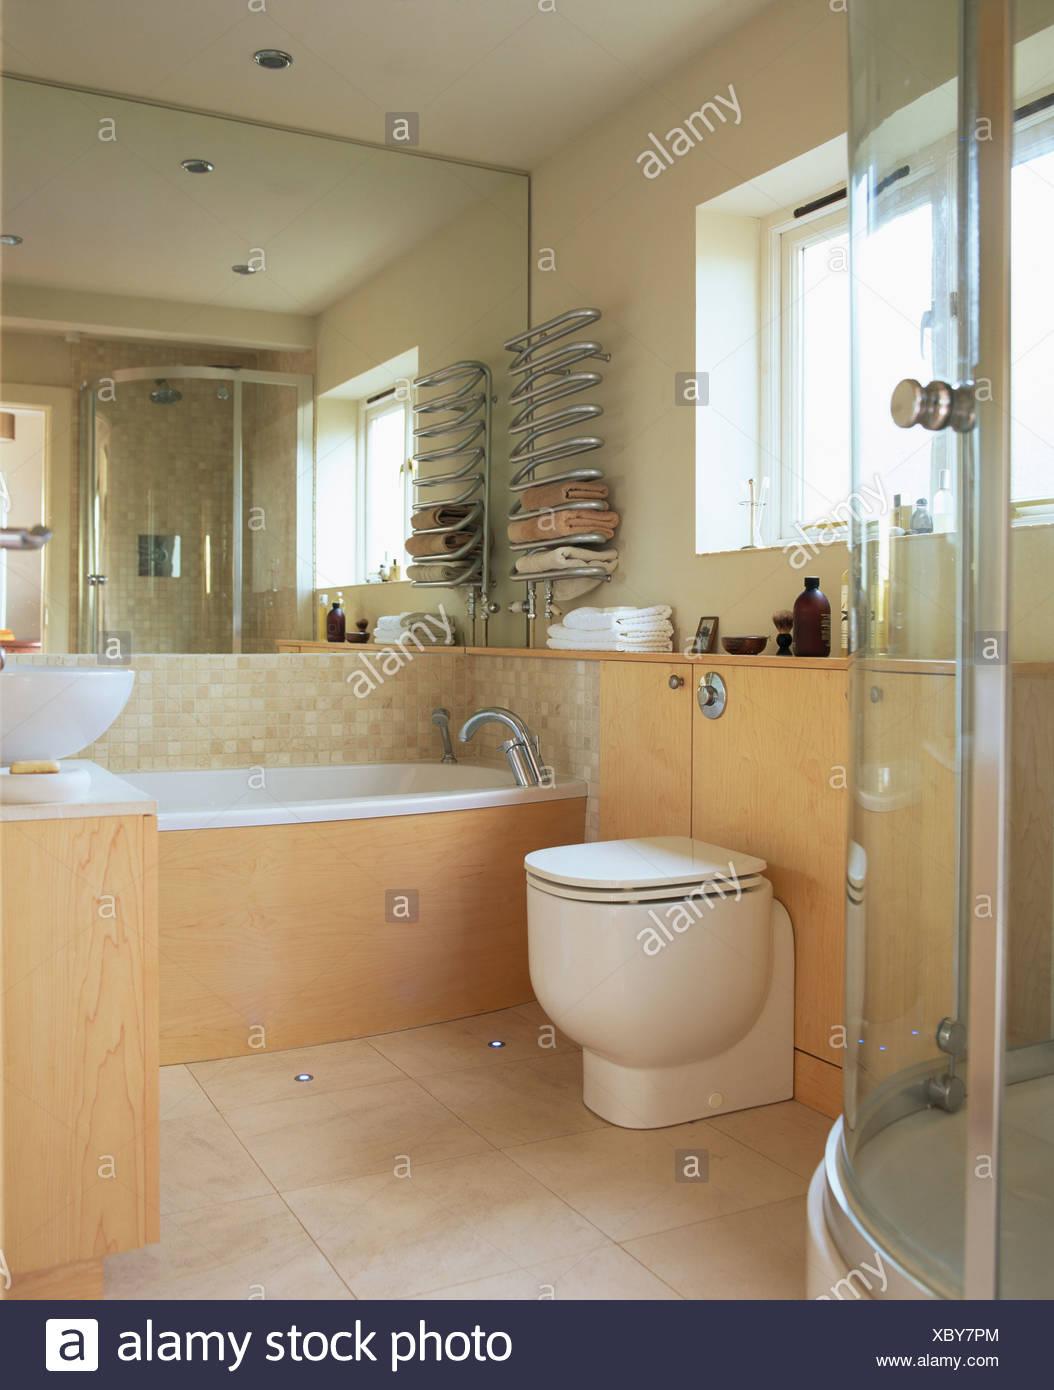 Pared con espejos sobre la bañera en el cuarto de baño moderno con ...